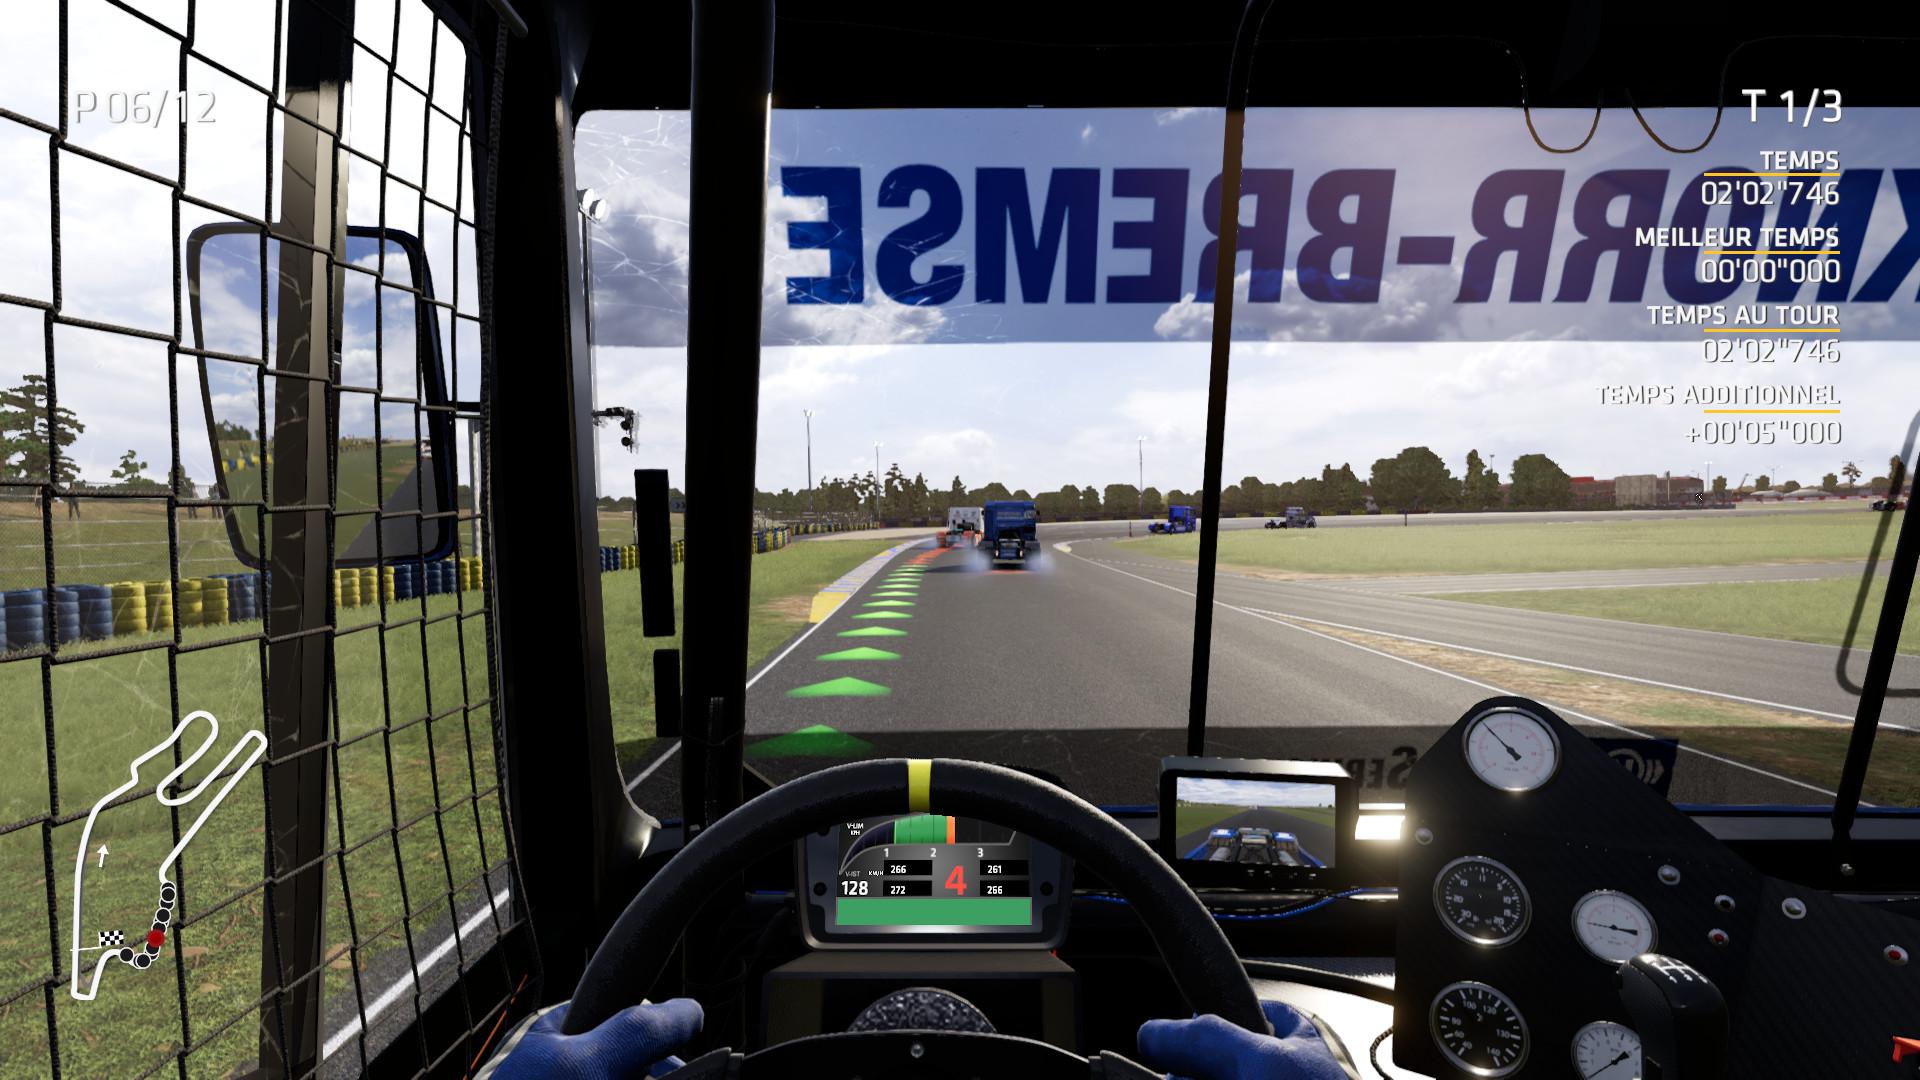 《FIA欧洲卡车锦标赛》游戏演示 激烈刺激的卡车比拼